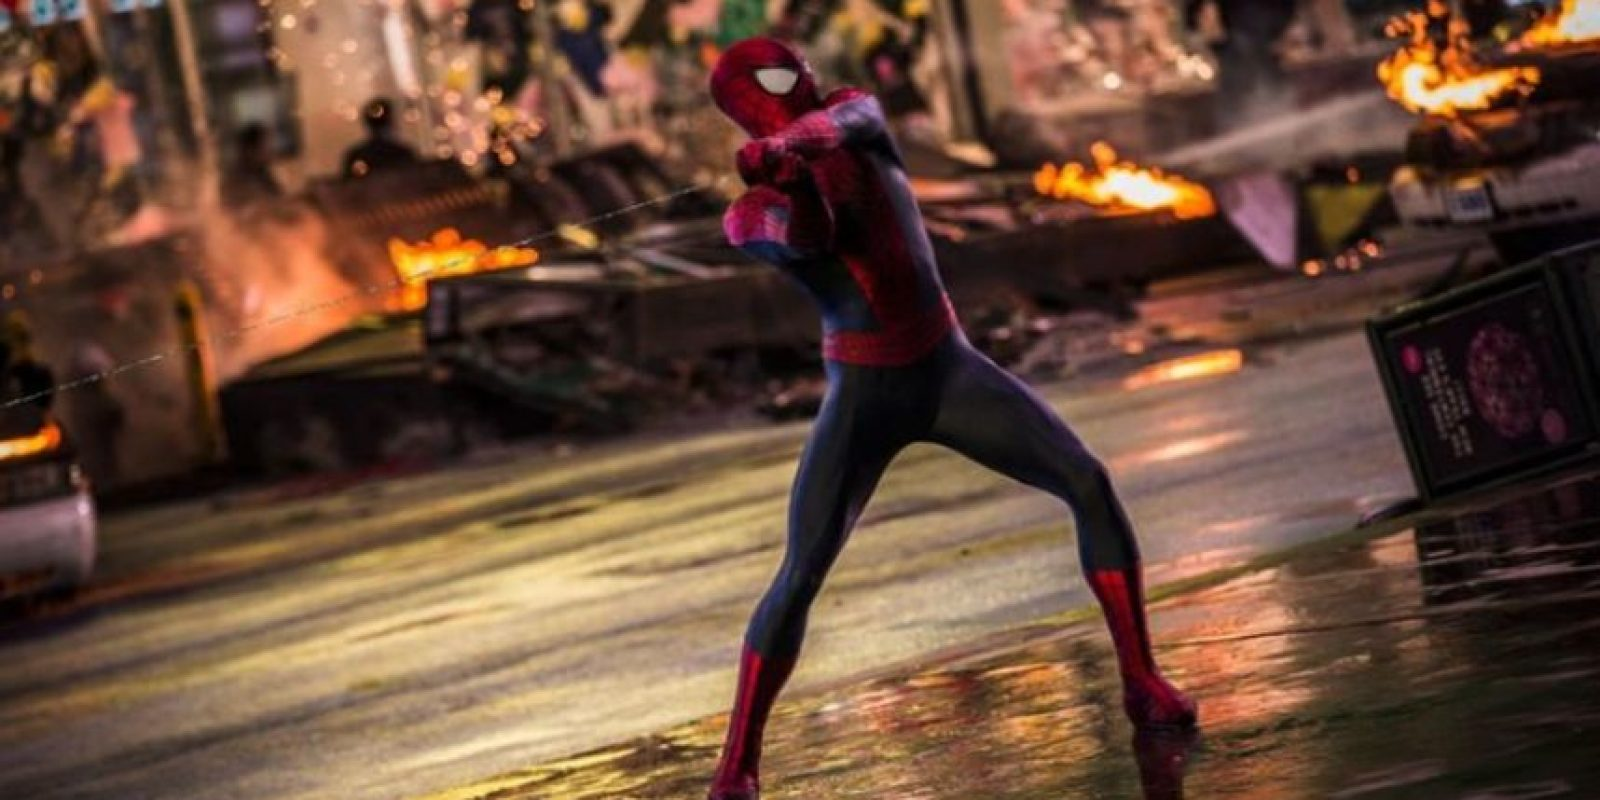 """Fue en la película """"The Amazing Spiderman"""" que mostró una versión más fresca del héroe de Marvel. Foto:vía facebook.com/spiderman"""